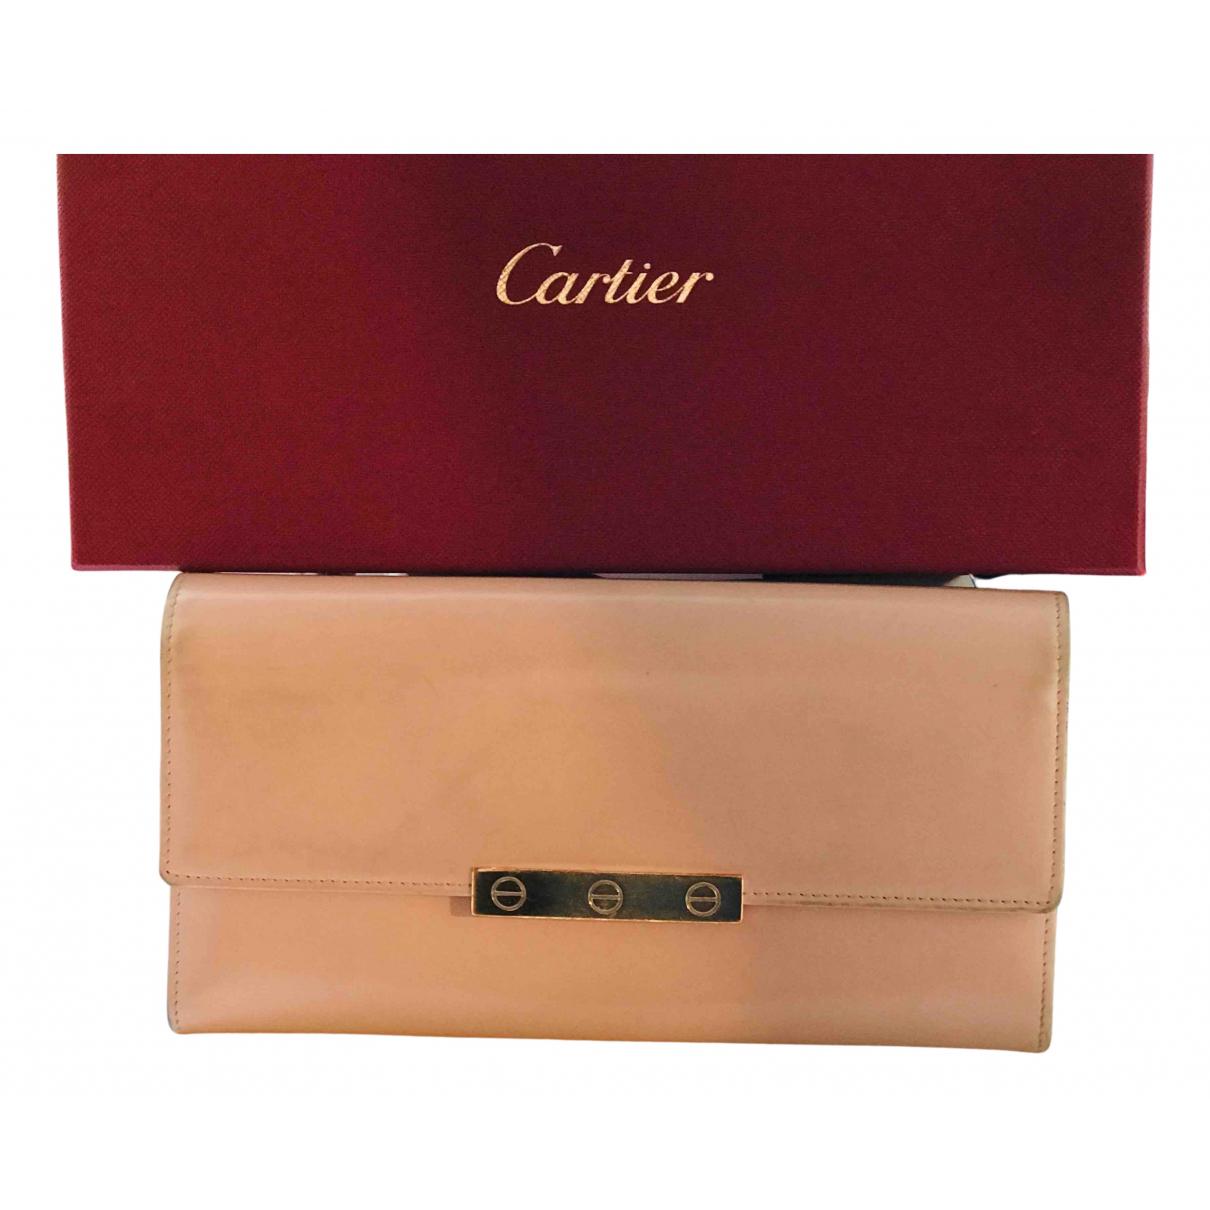 Cartera de Cuero Cartier